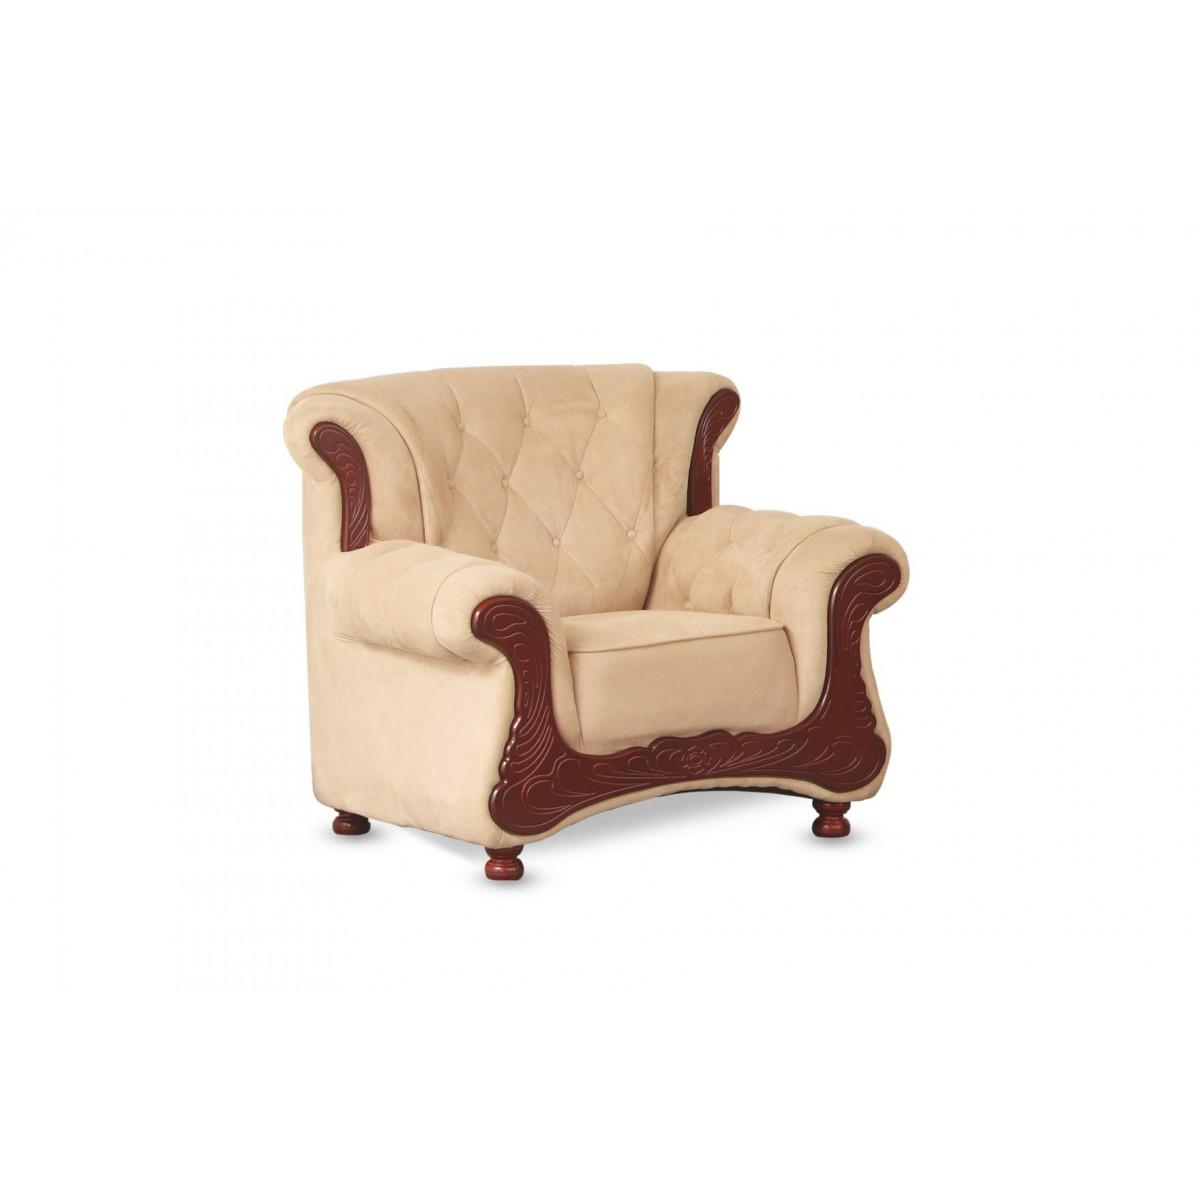 Grace Sofa | Damro throughout Grace Sofa Chairs